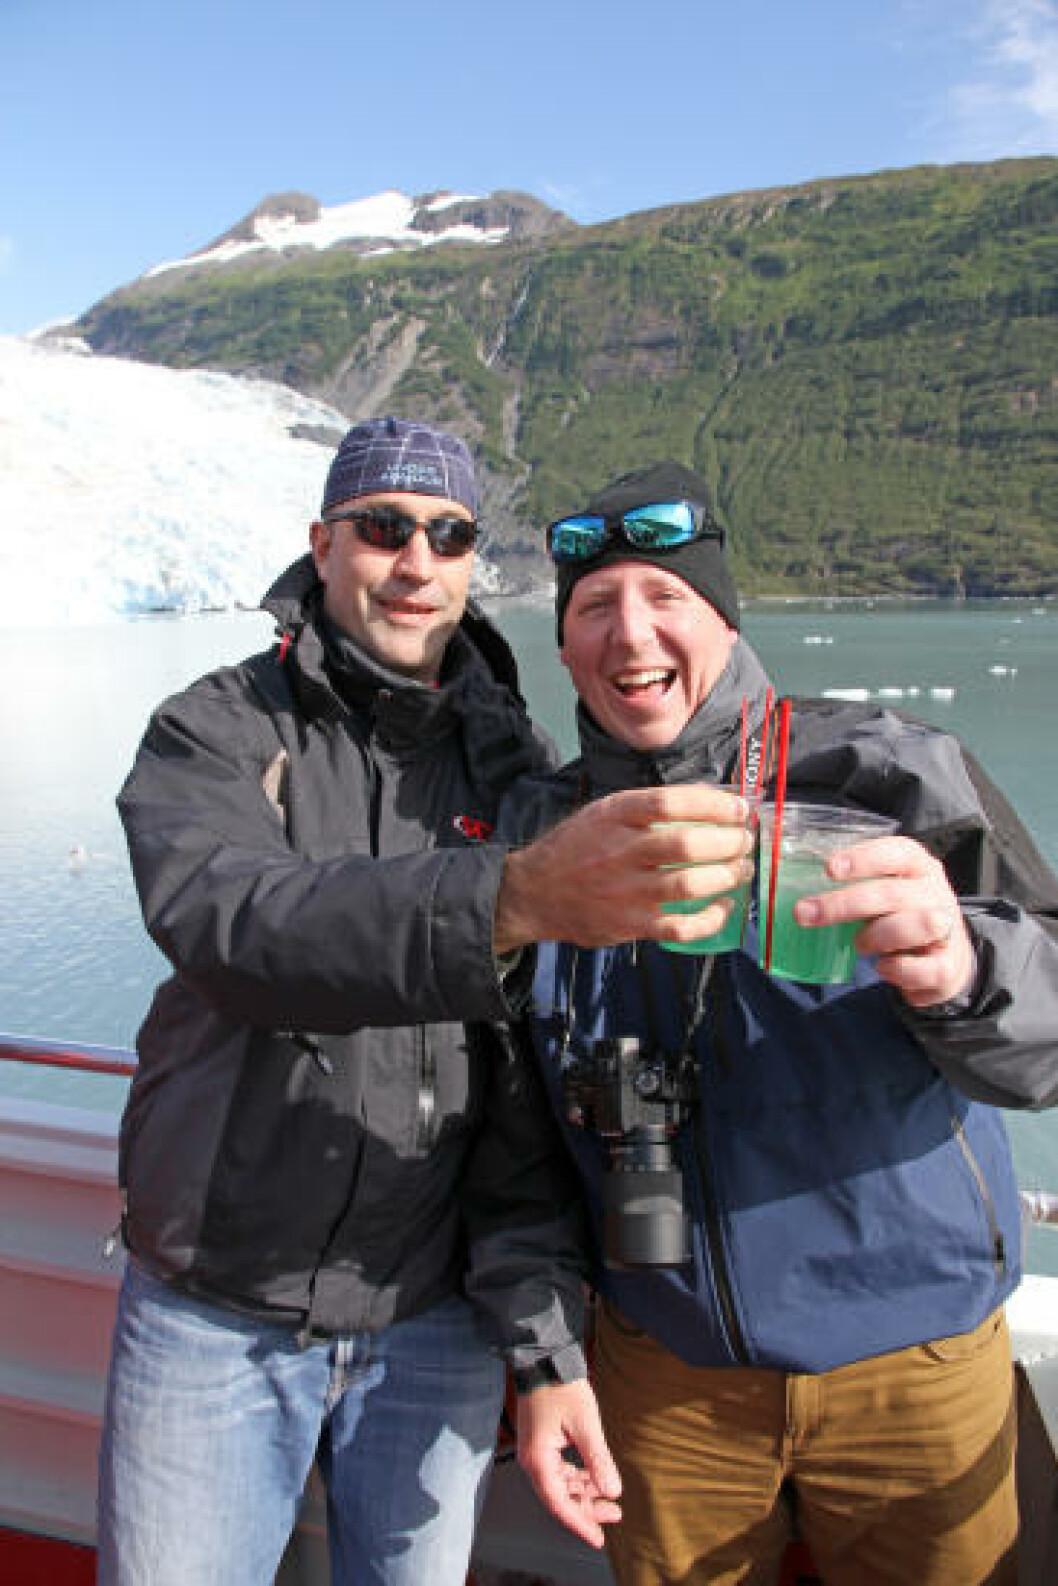 <strong>SKÅL:</strong> Glacier Maragarita, med en bit av isbreen i glasset. Foto: RUNAR LARSEN